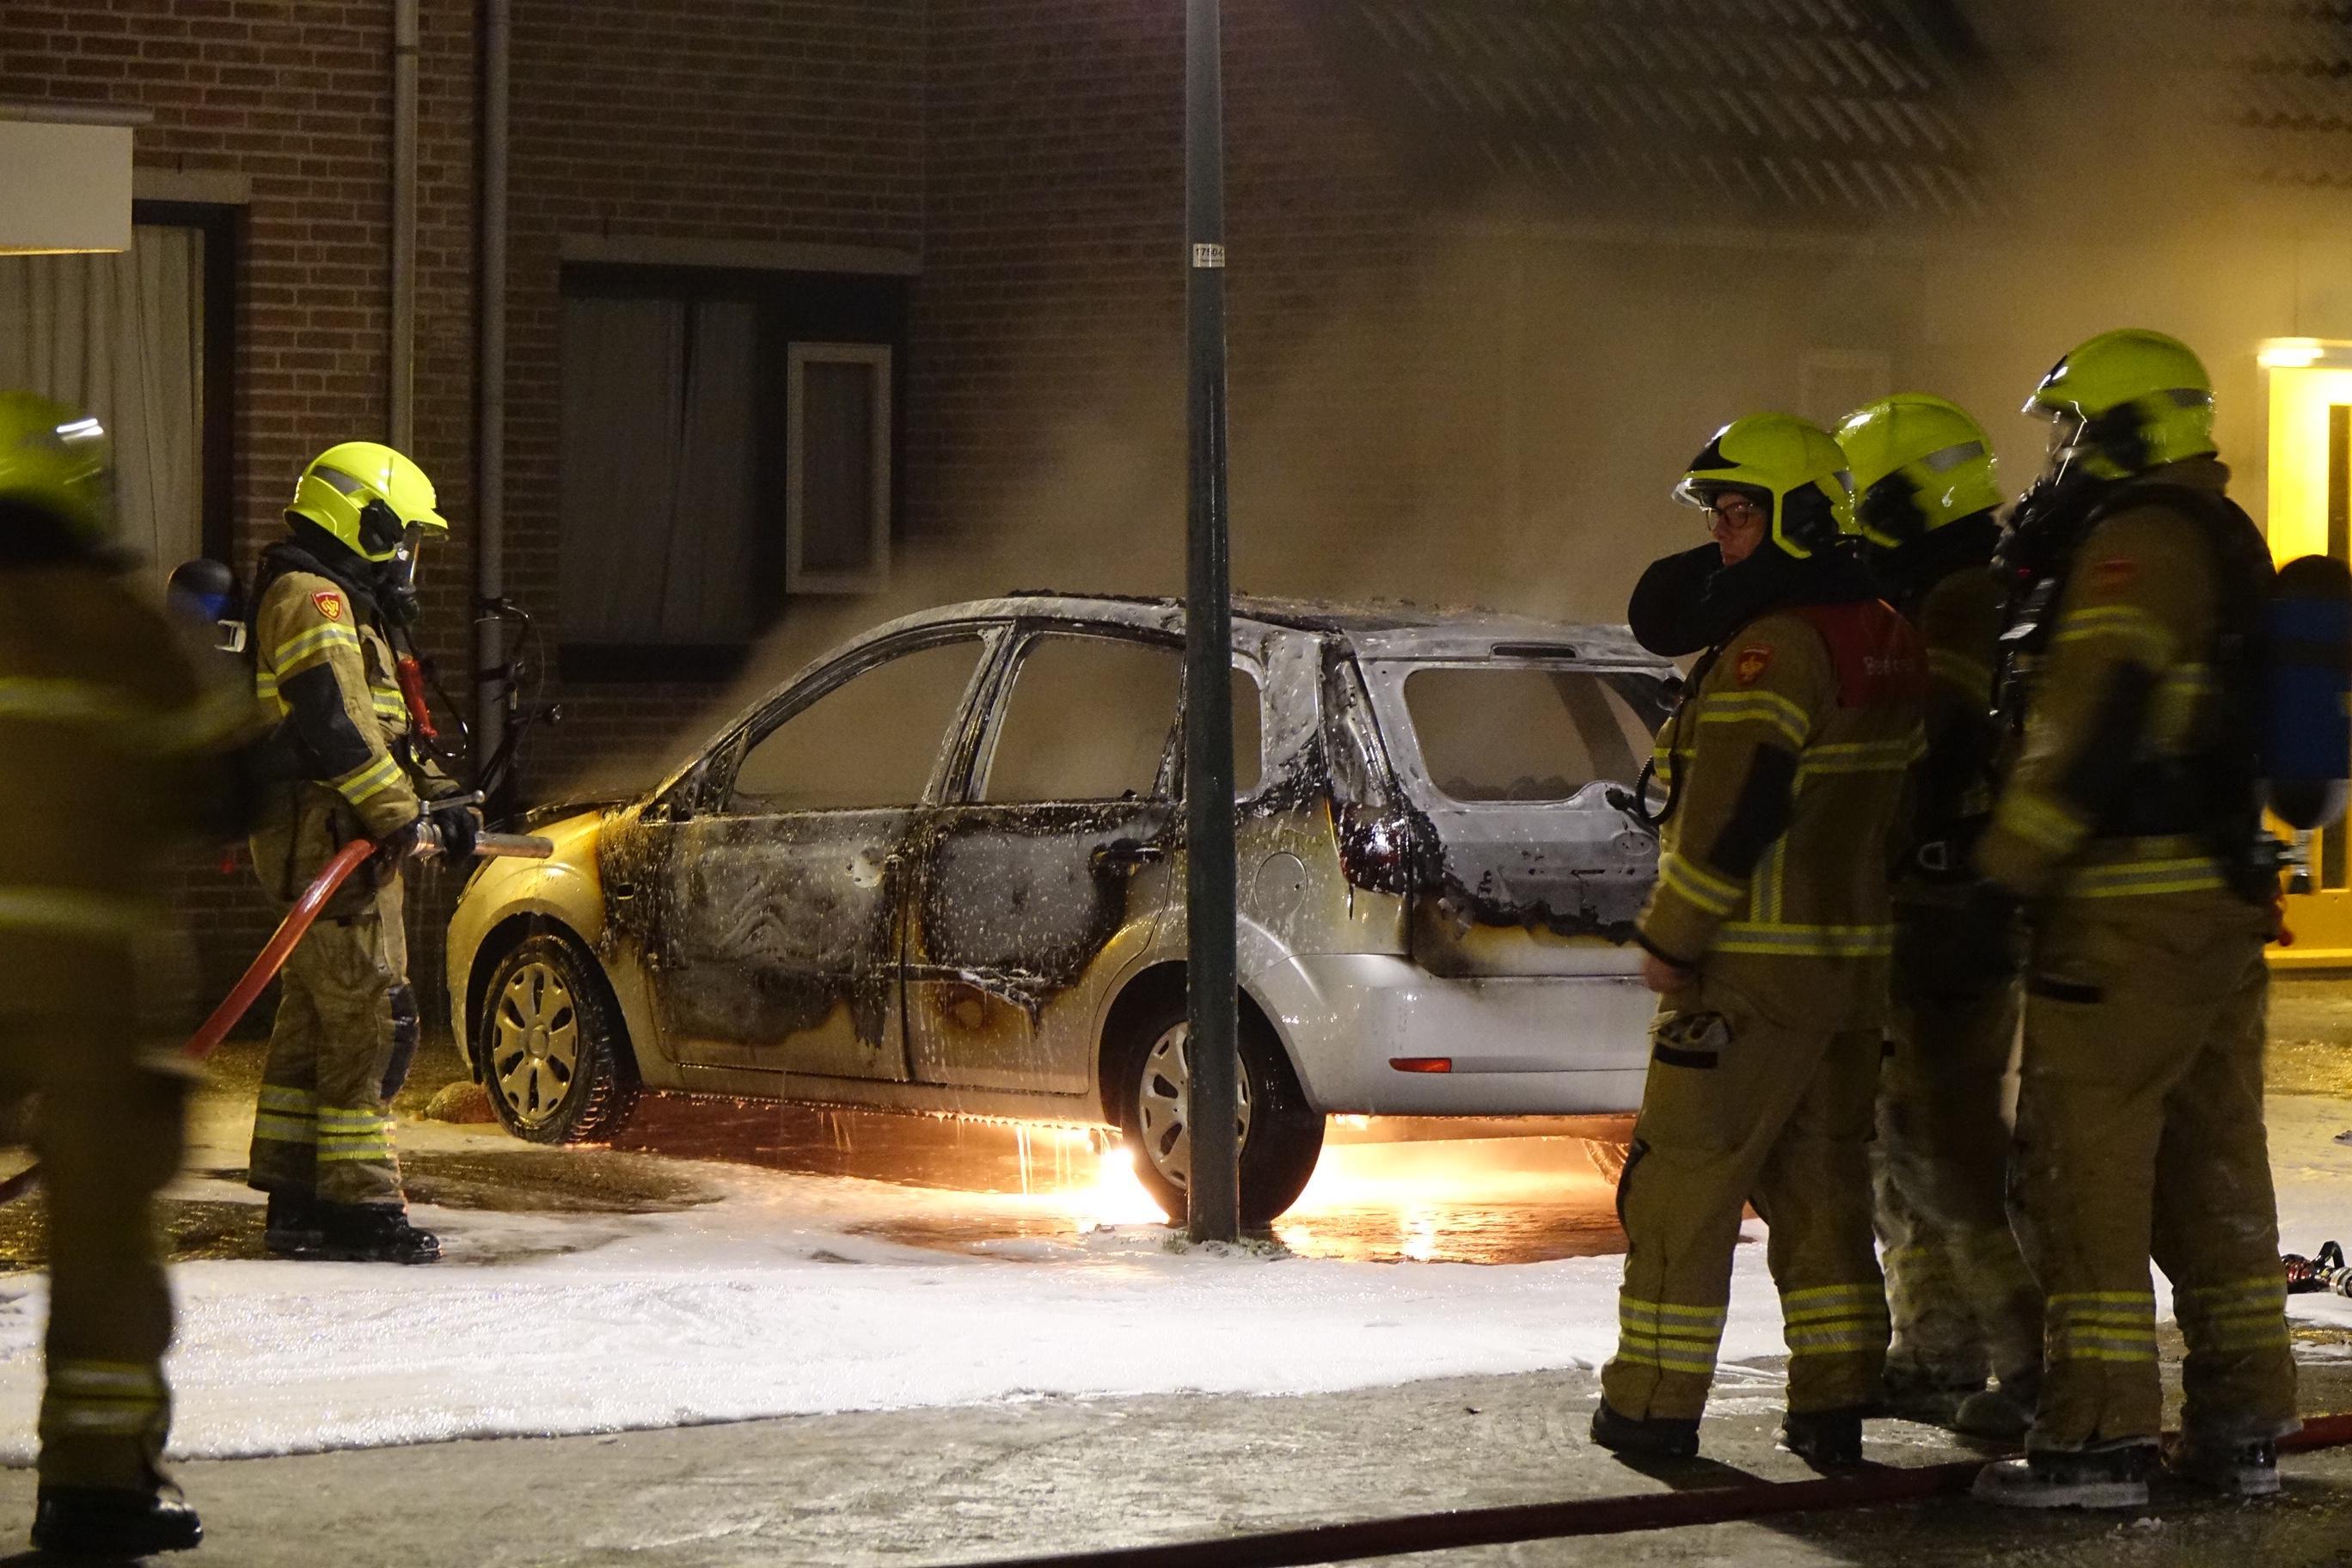 Autobrand in Hoorn, politie denkt aan brandstichting [video]